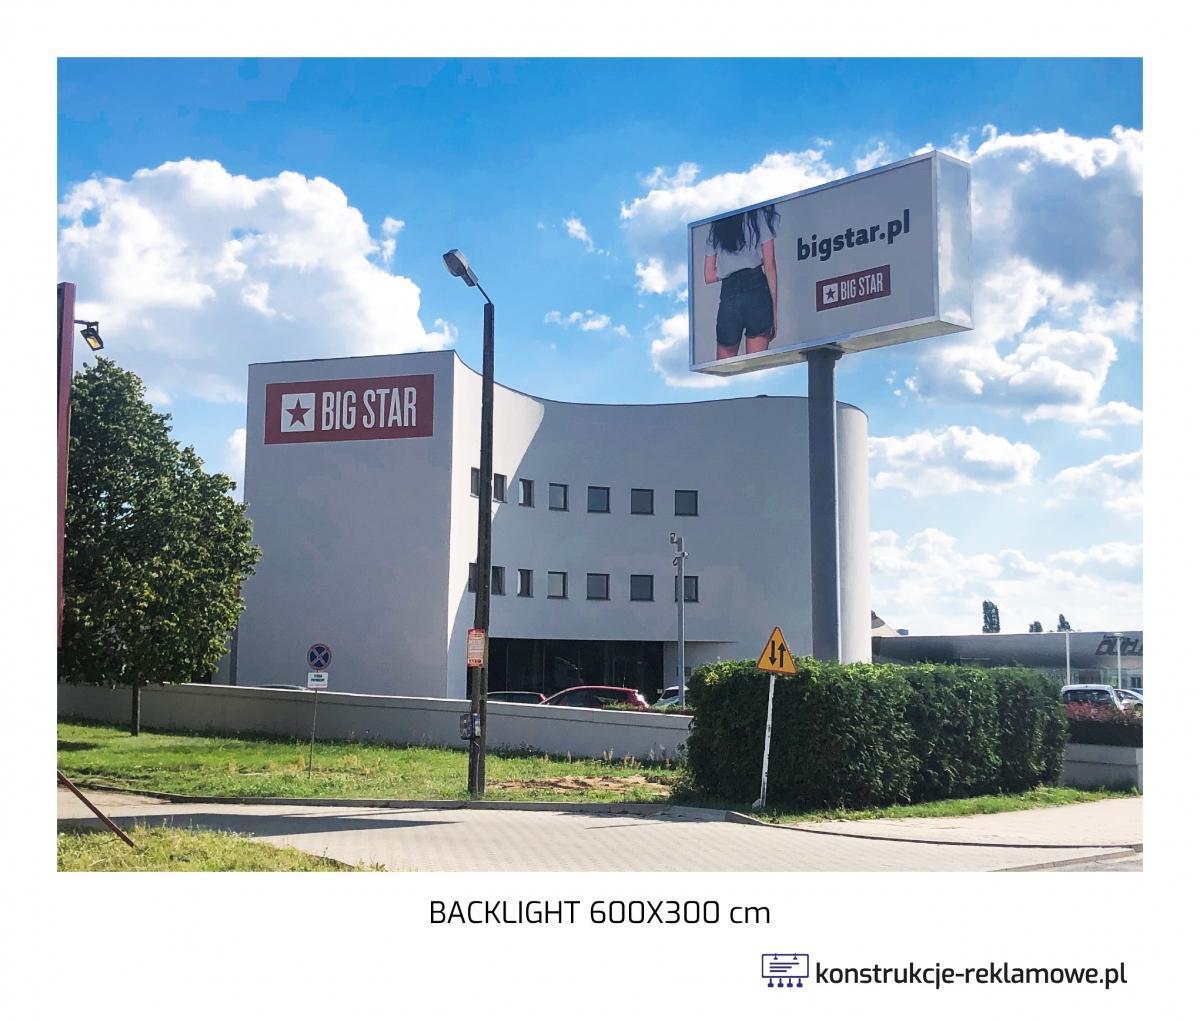 Backlight 600 x 300cm - konstrukcje-reklamowe.pl